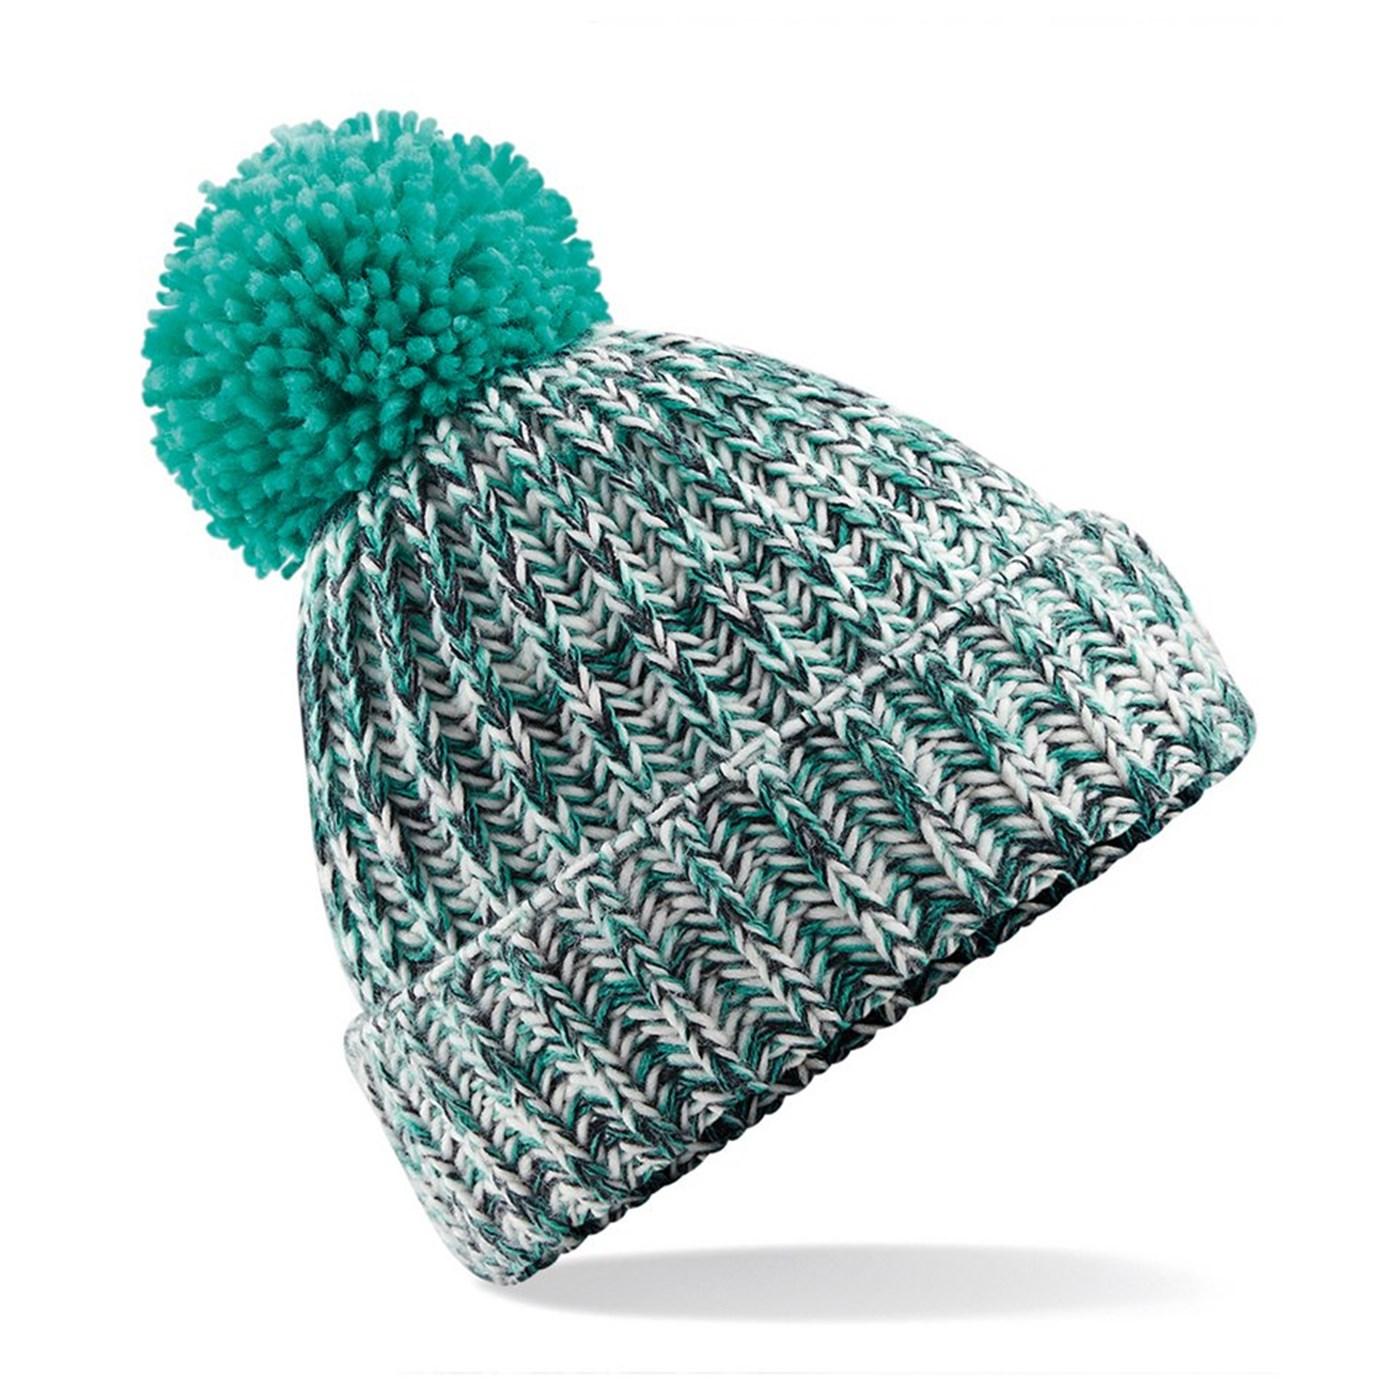 043884feafa Beechfield Adult s Chunky Twist-knit Pom Pom Beanie Hat